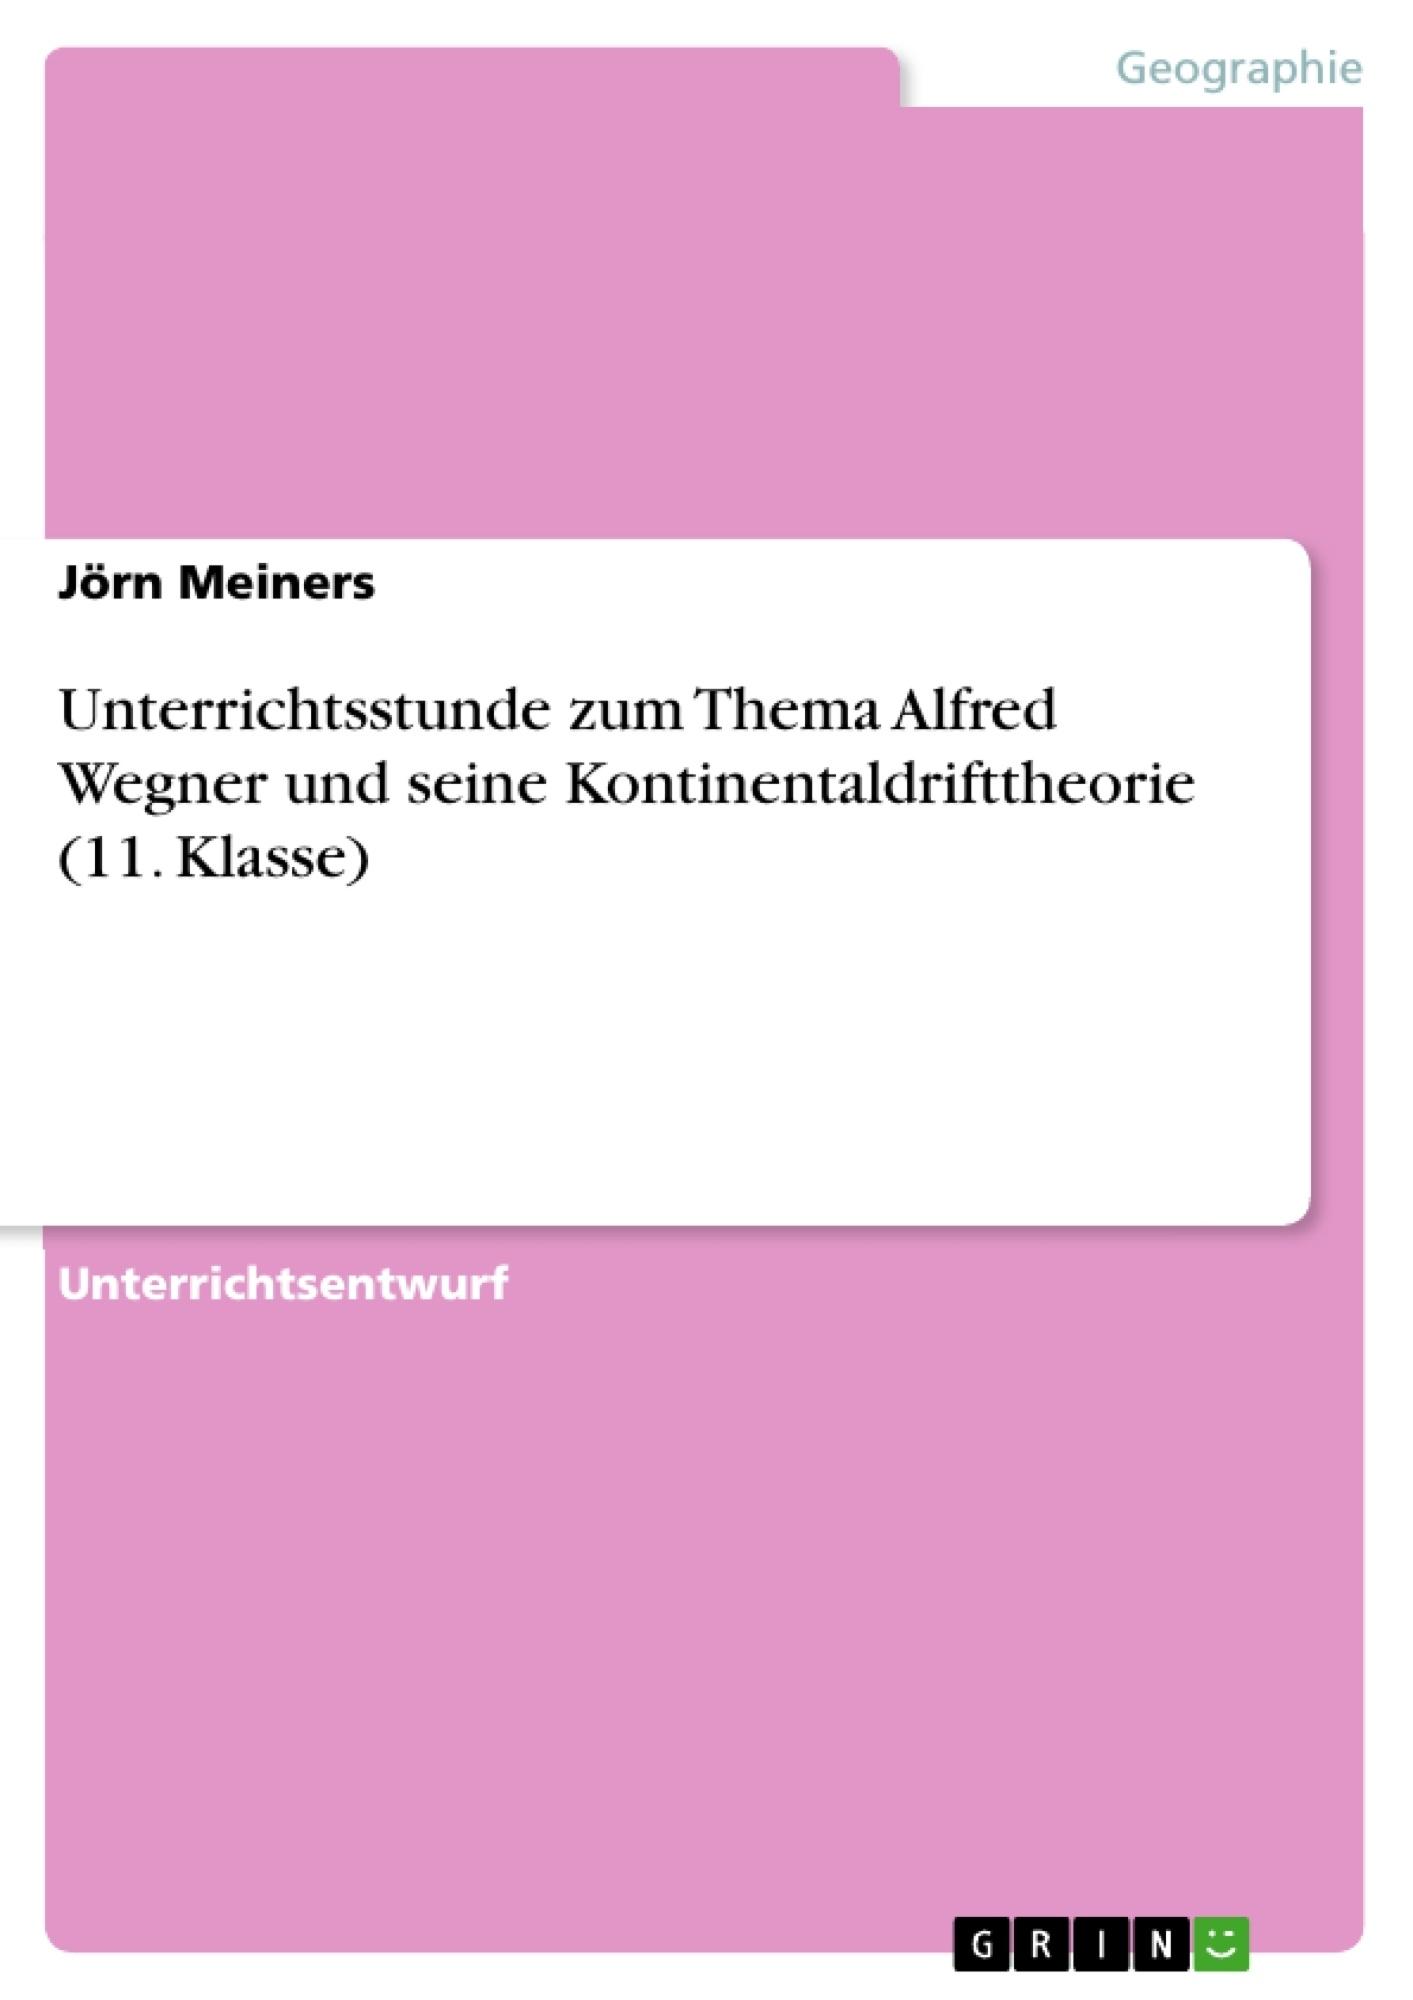 Titel: Unterrichtsstunde zum Thema  Alfred Wegner und seine Kontinentaldrifttheorie (11. Klasse)